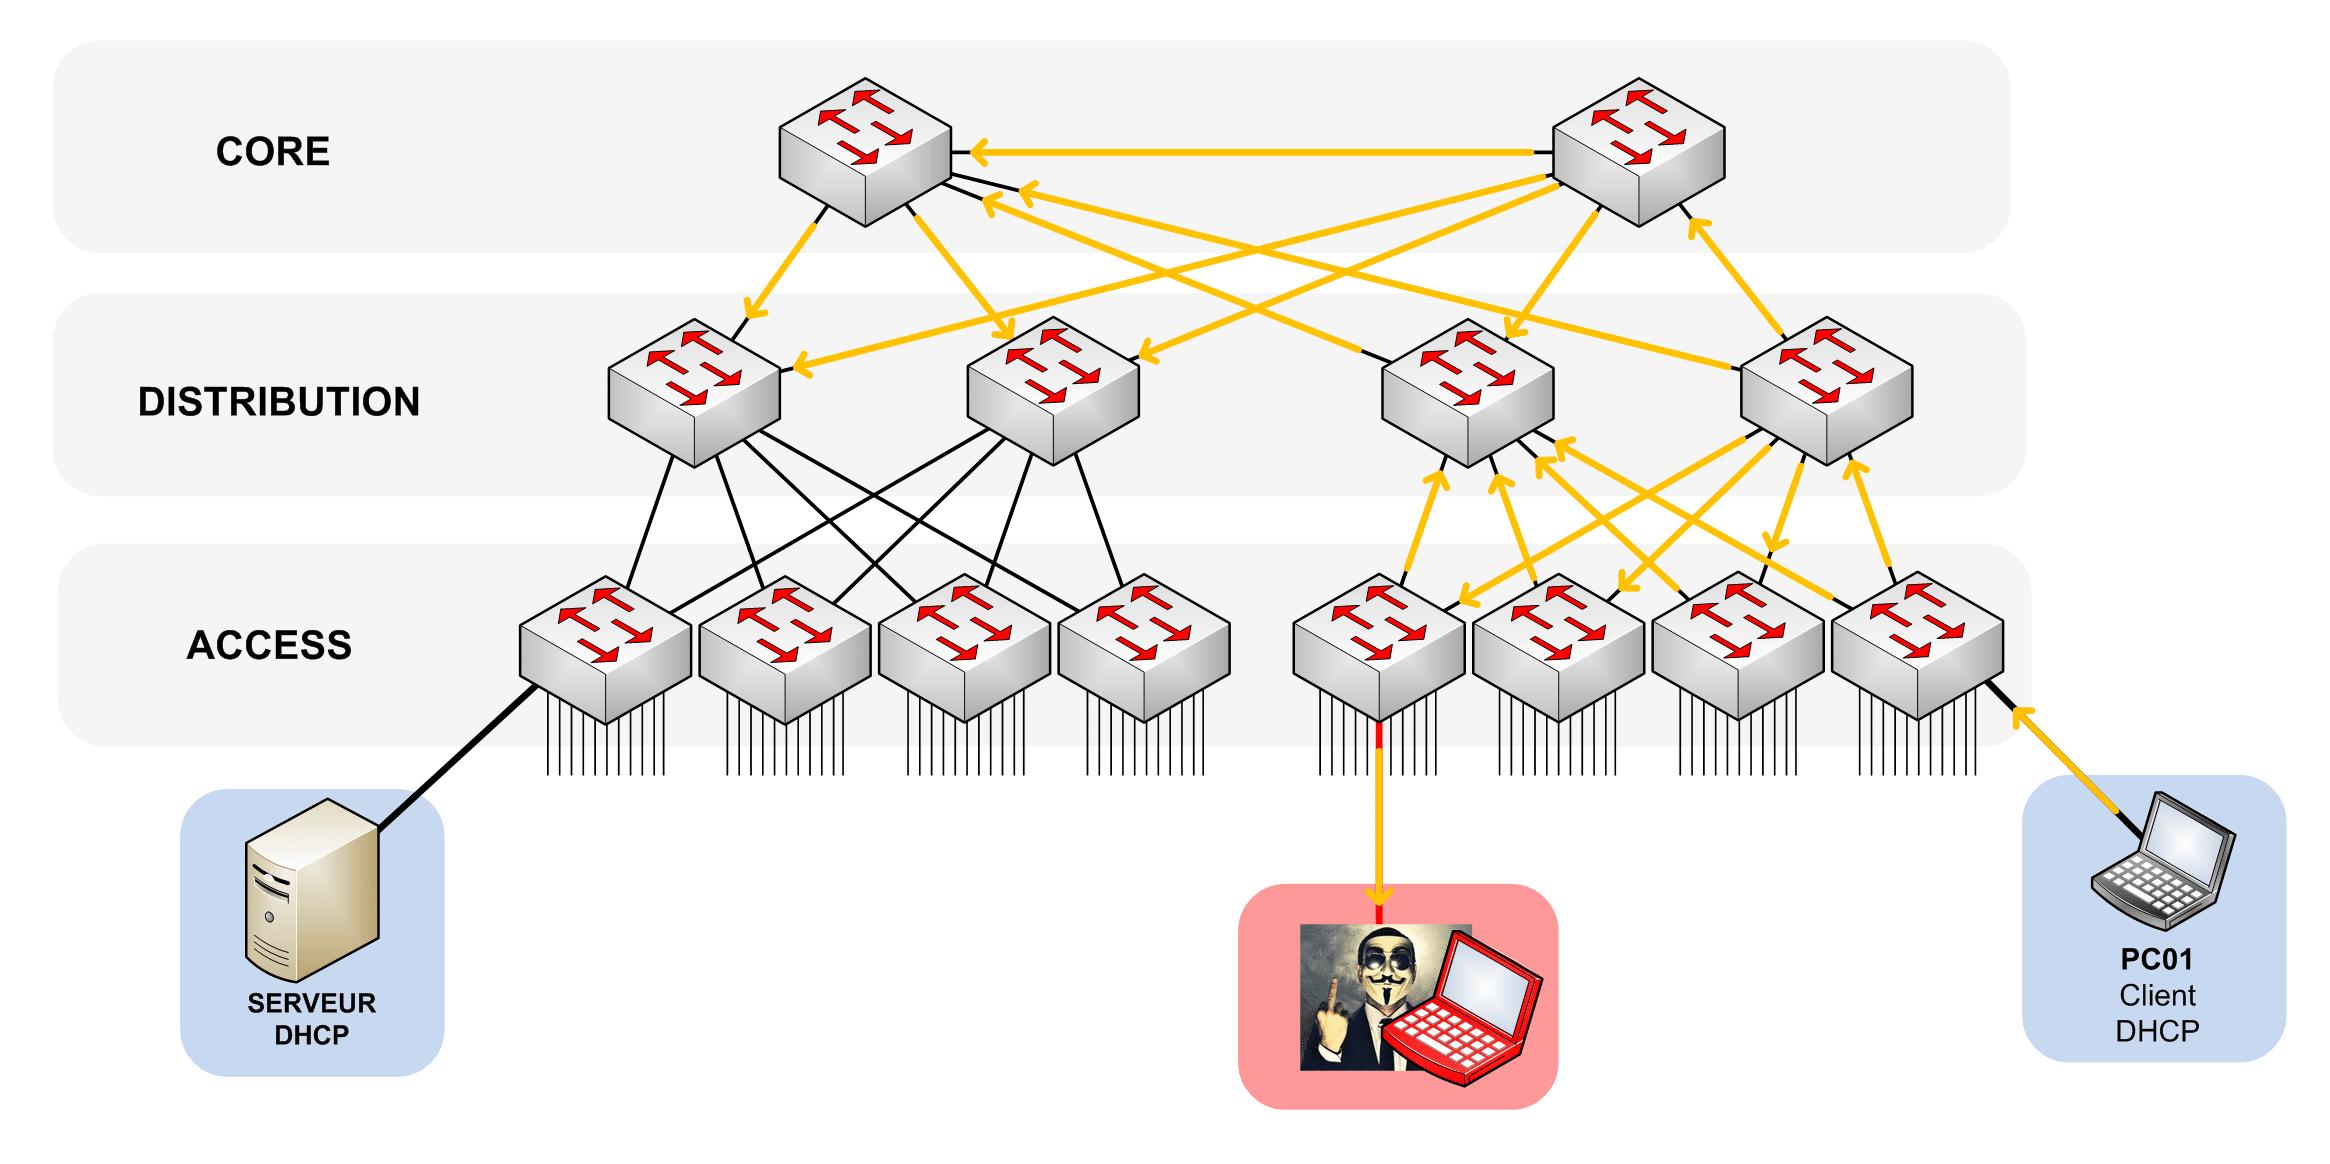 Le PC01 Lance un Broadcast DHCP DISCOVER afin de trouver un serveur DHCP sur le réseau. Le Pirate reçoit ce broadcast avant le serveur DHCP officiel.